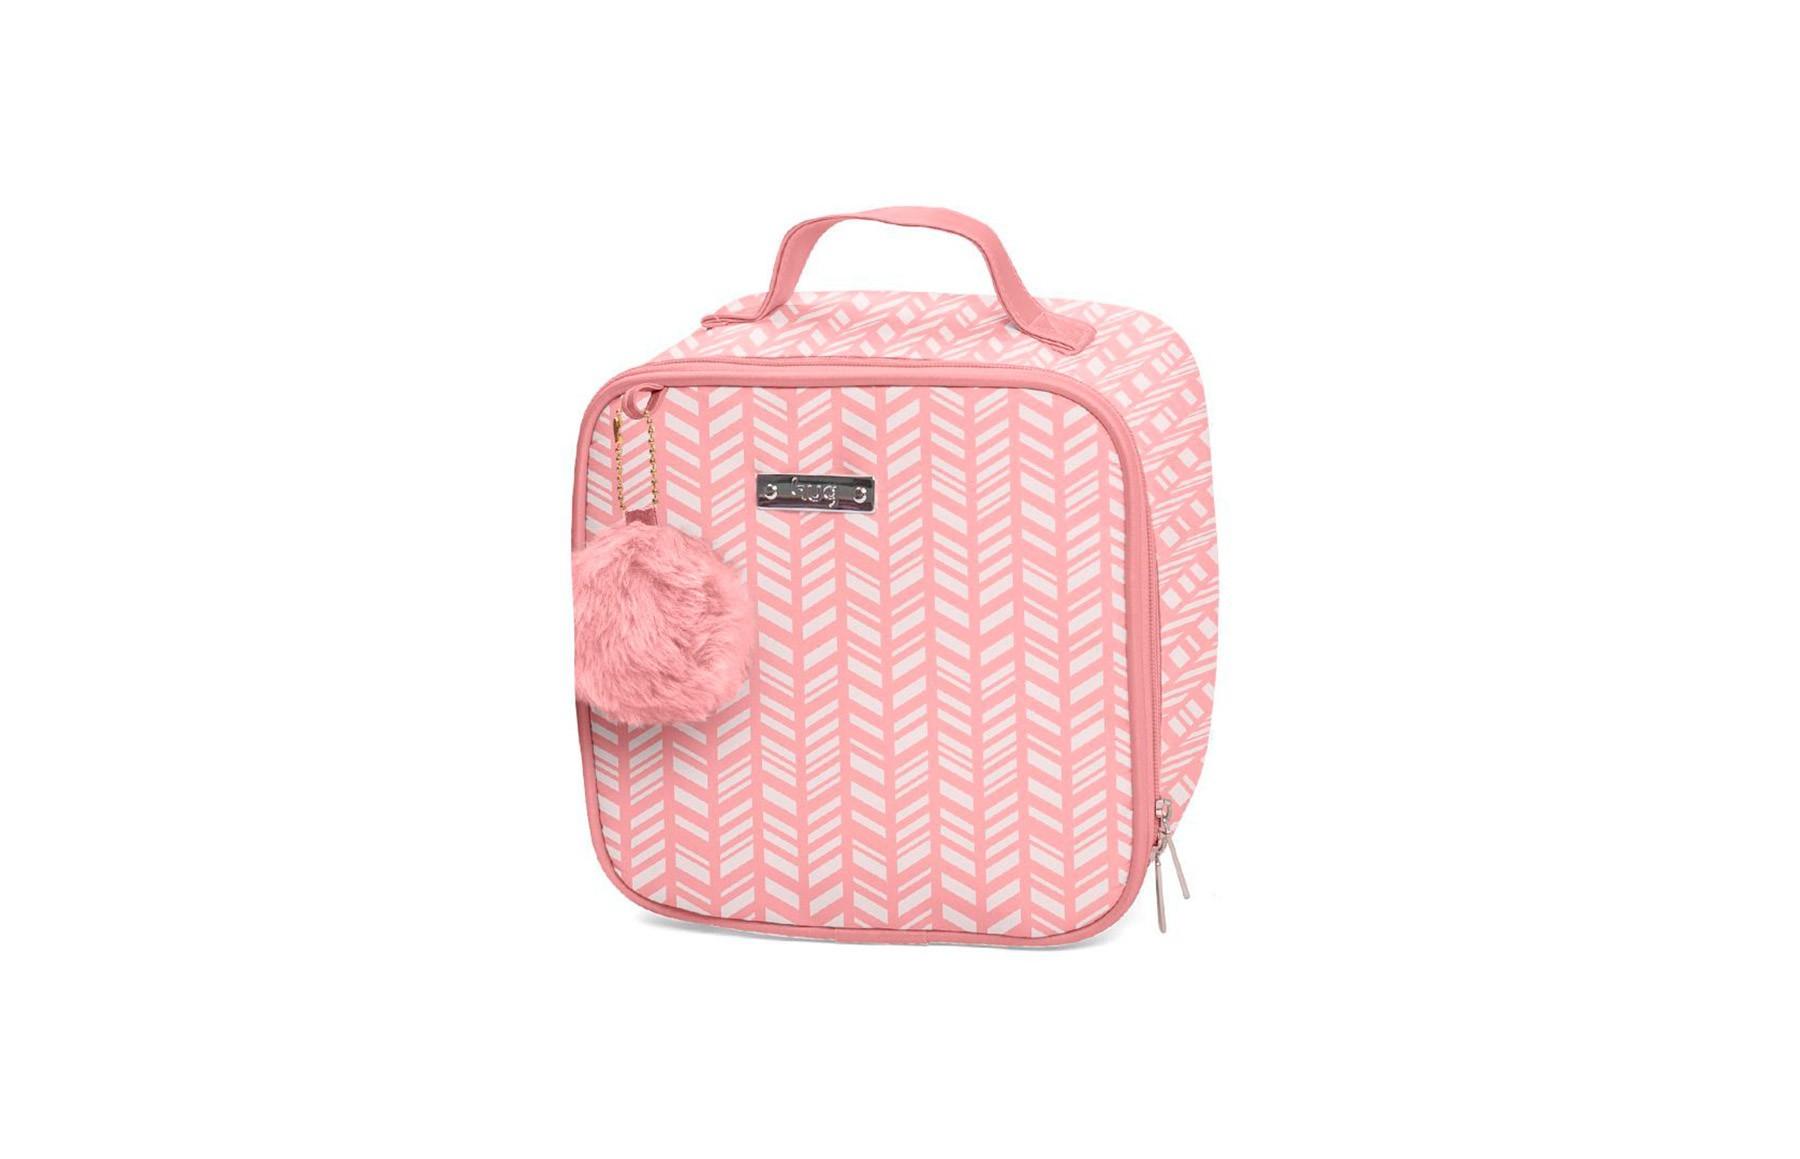 Kit de bolsas 2 peças linha Marrocos cor rosa